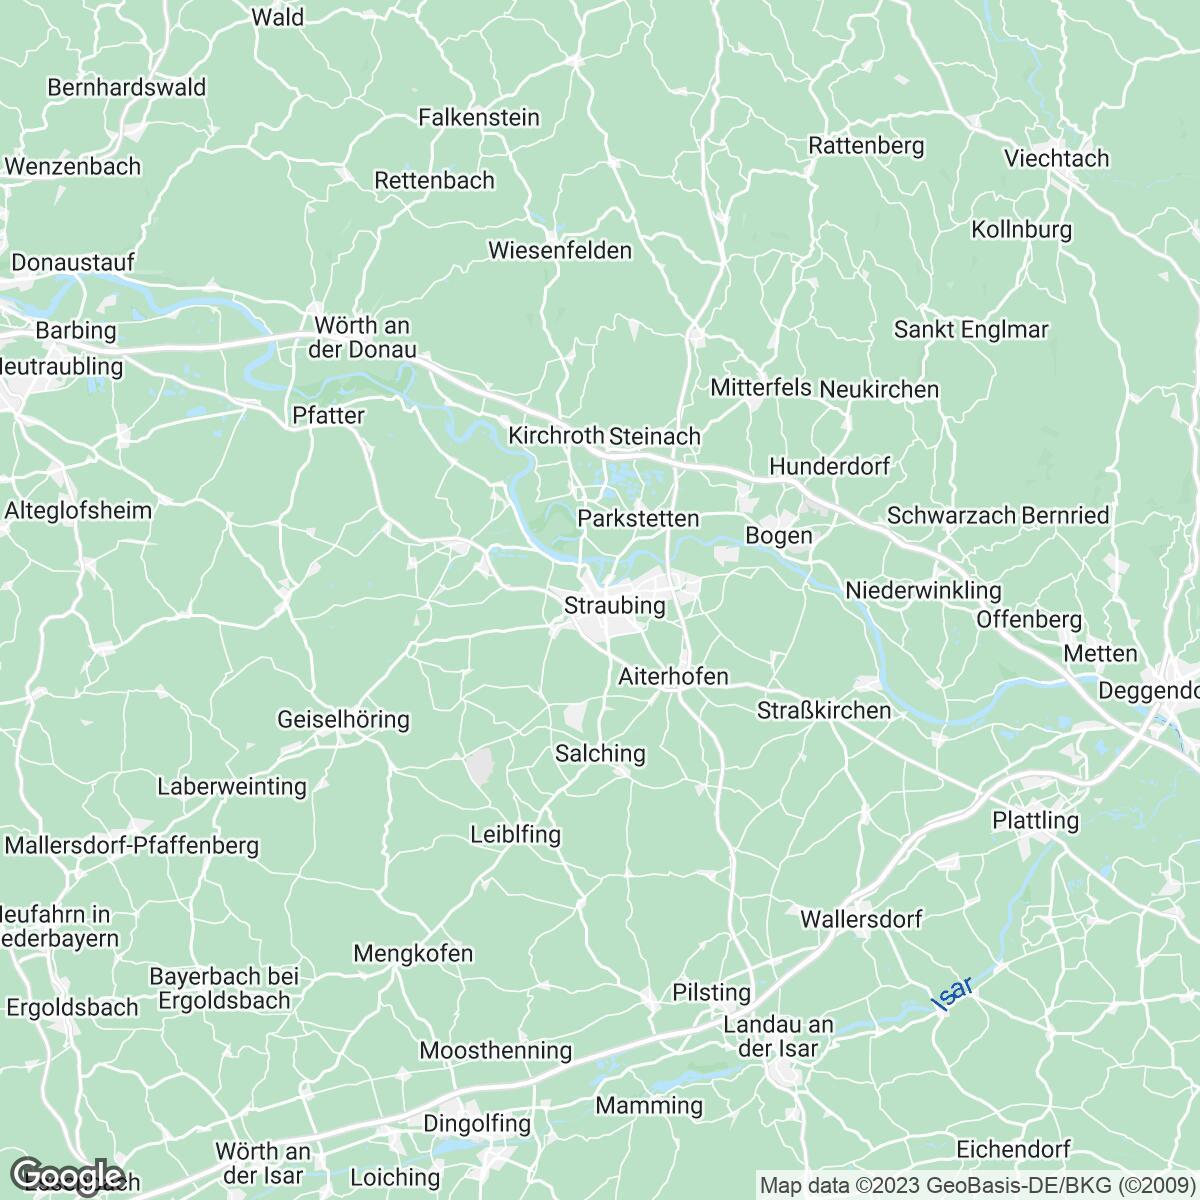 Verkaufsgebiet der Zeitungen Straubinger Tagblatt/Landshuter Zeitung